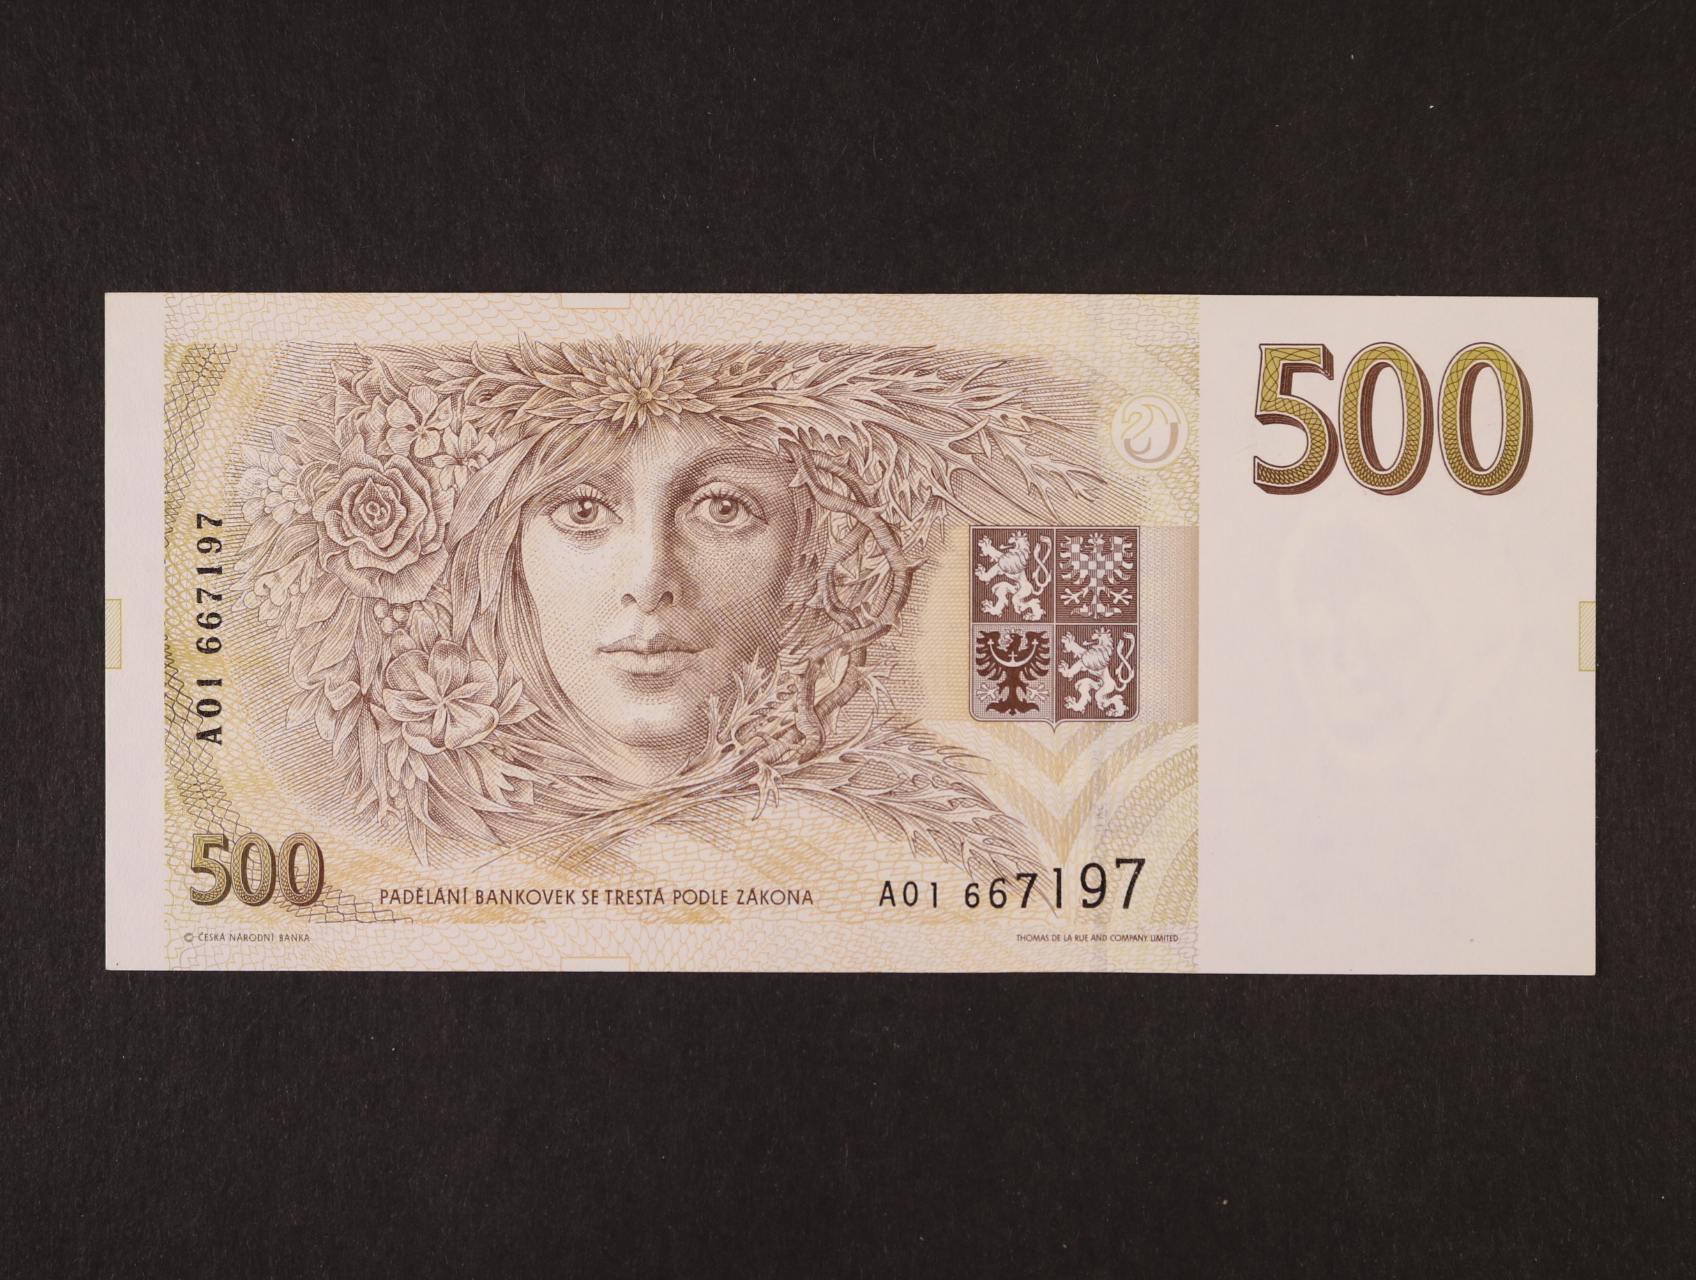 500 Kč 1993 série A 01, Ba. CZ 7a, Pi. 7a